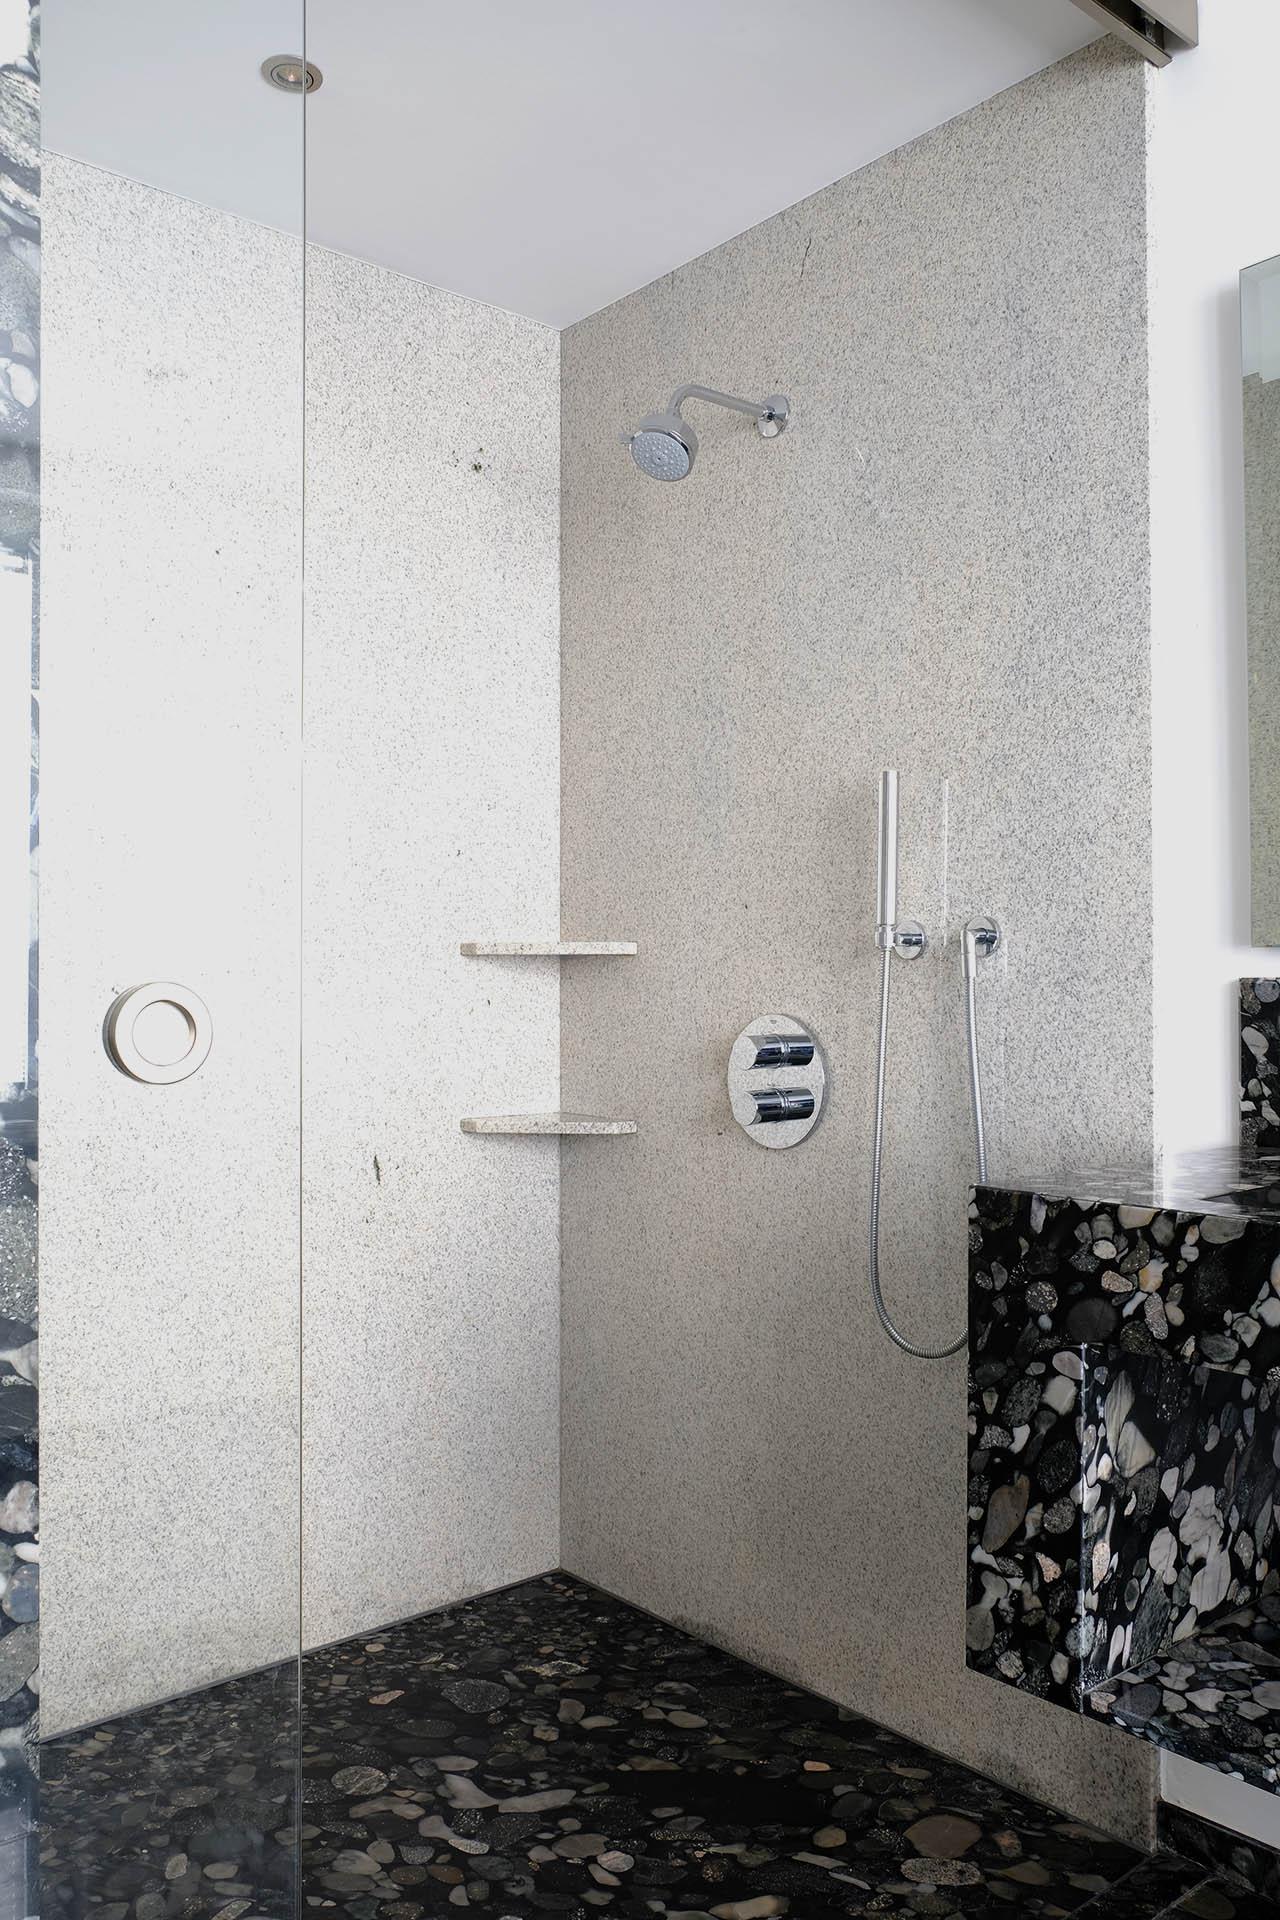 dusche_marmor_radermacher_nero_marinace_imperial_white_badezimmer_salle_de_bain_douche_dusche_waschtisch_lavabo_b